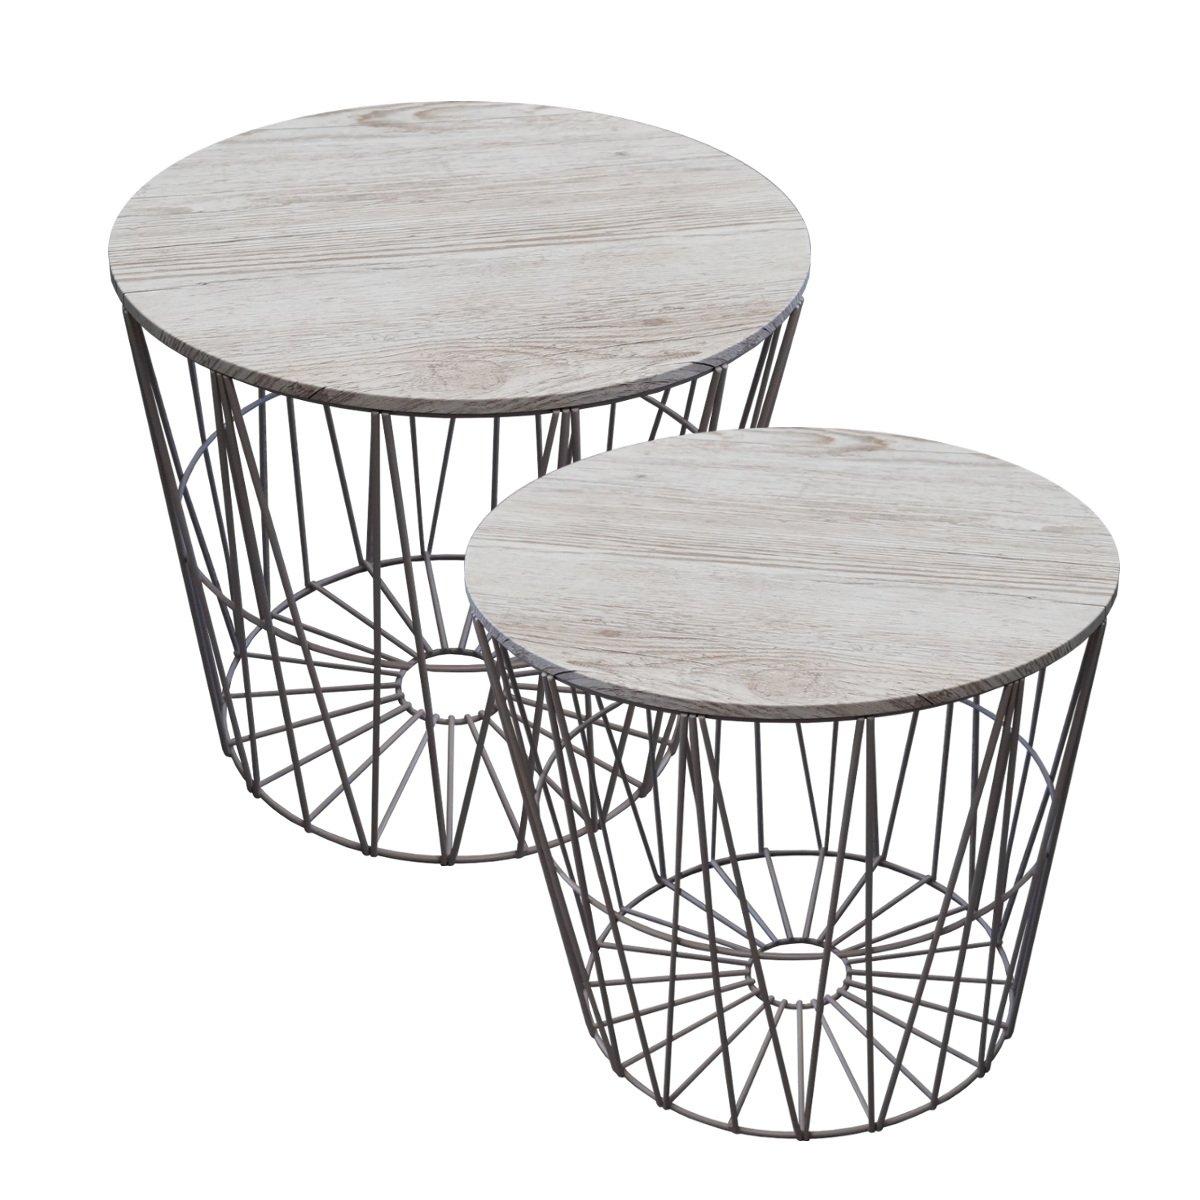 Design Drahtkorb mit Deckel antik weiß/grau (groß): Amazon.de ...